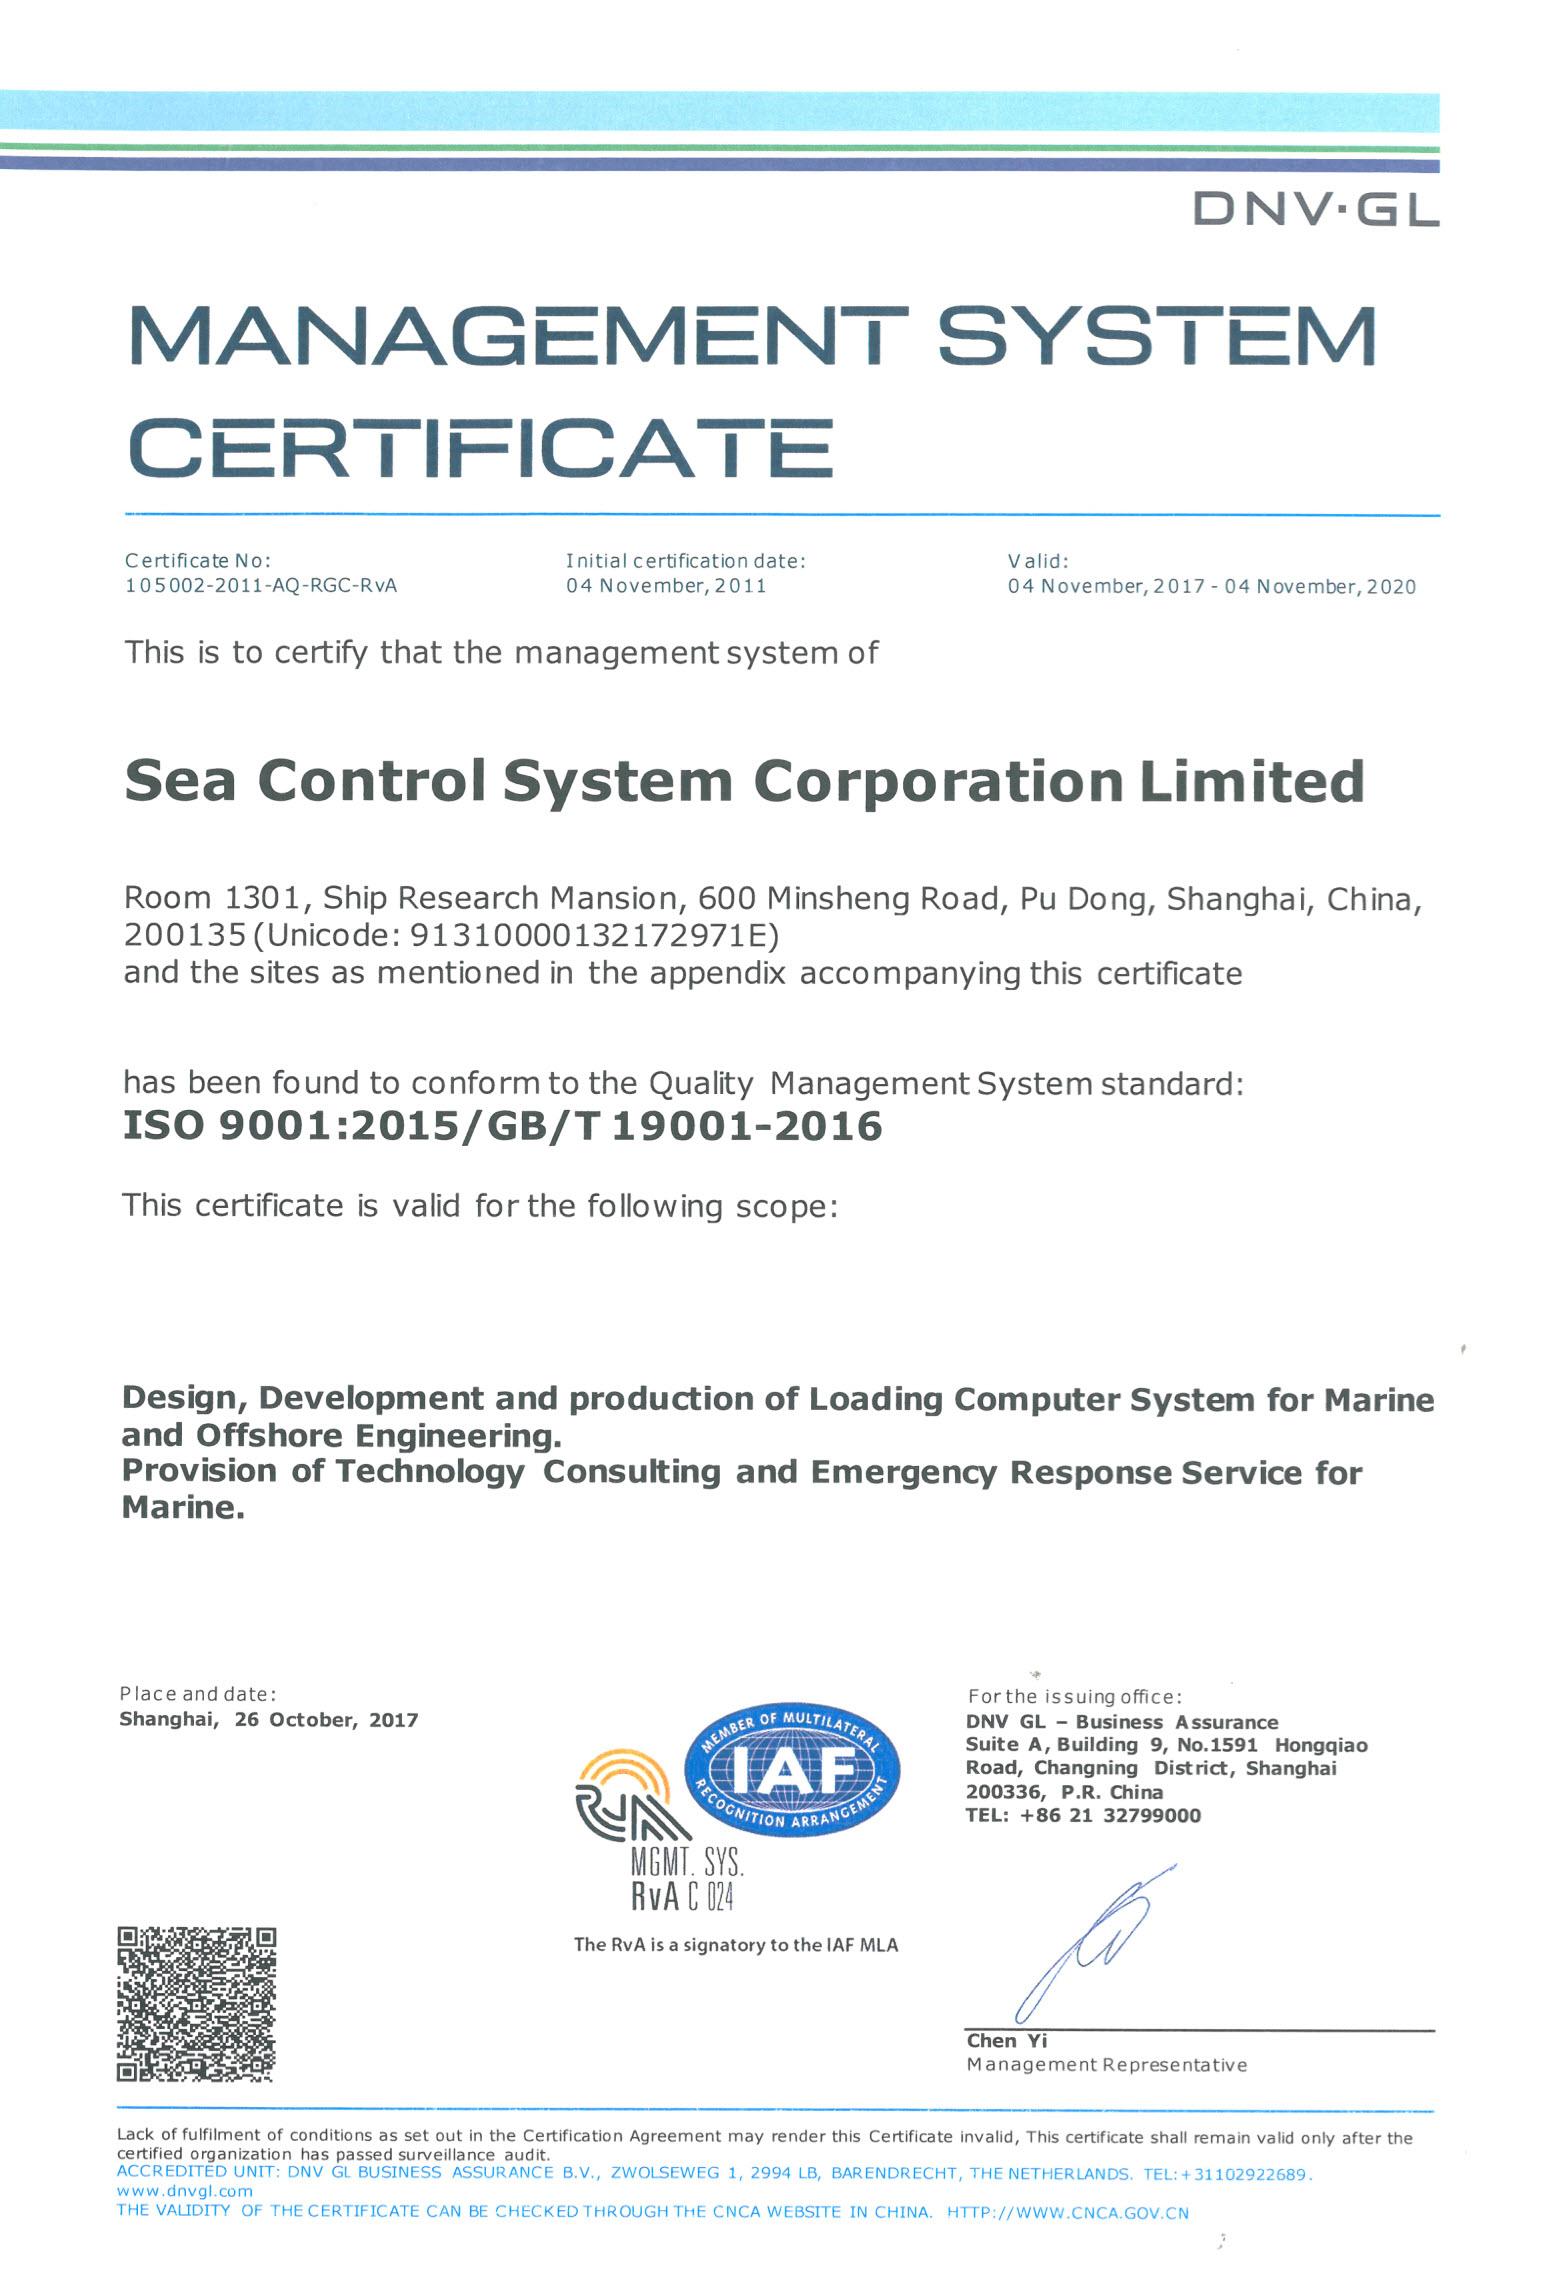 SCS ISO9001 Cer 04Nov2020 2